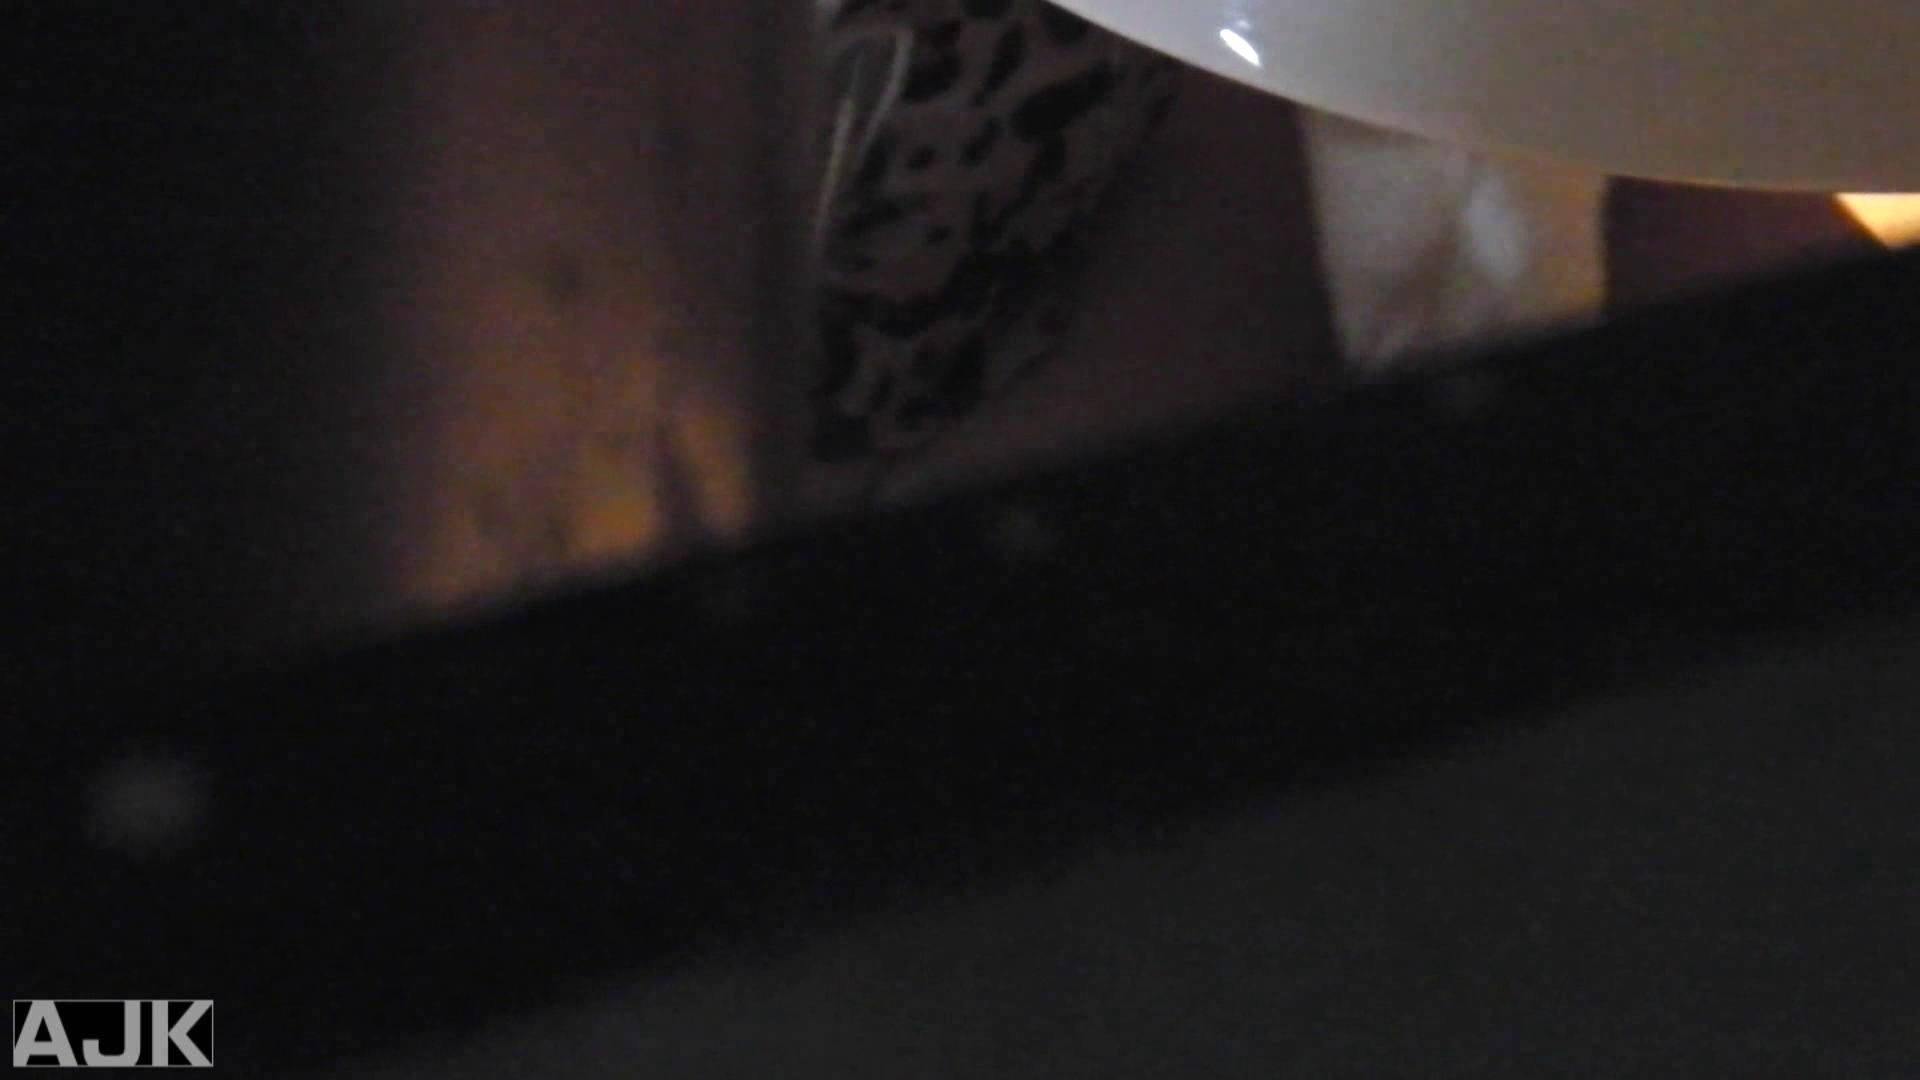 神降臨!史上最強の潜入かわや! vol.25 オマンコ | 肛門  82pic 69